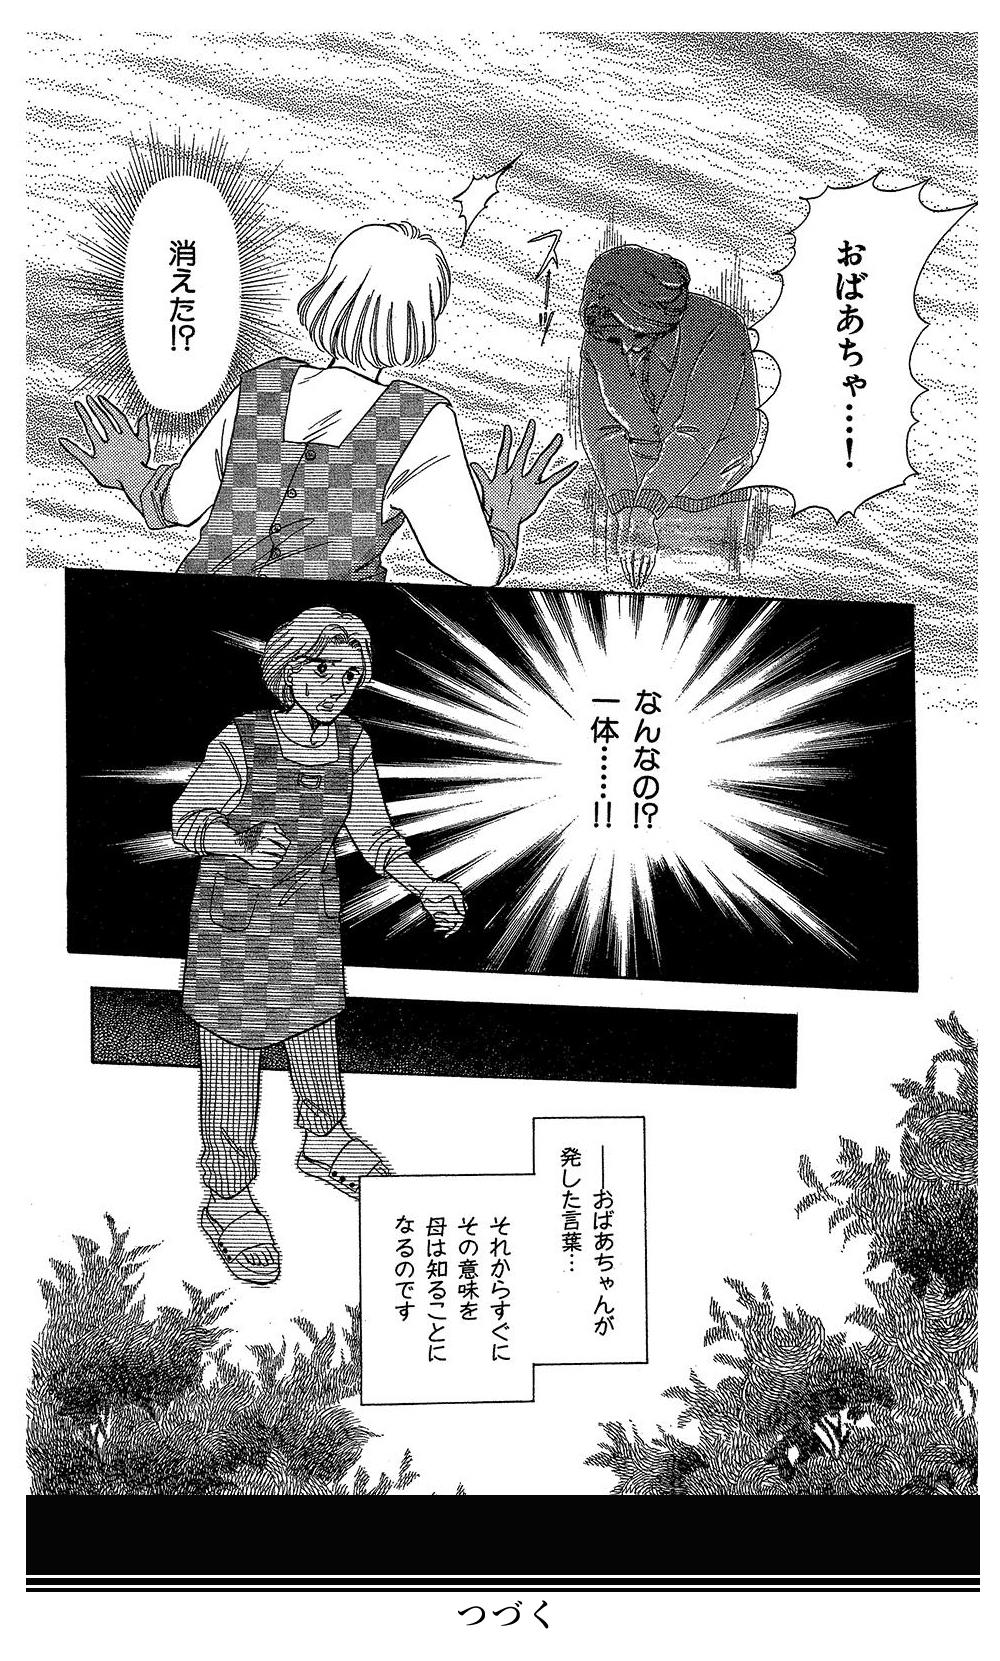 霊感ママシリーズ 第1話「花の陰影」①reikan10.jpg